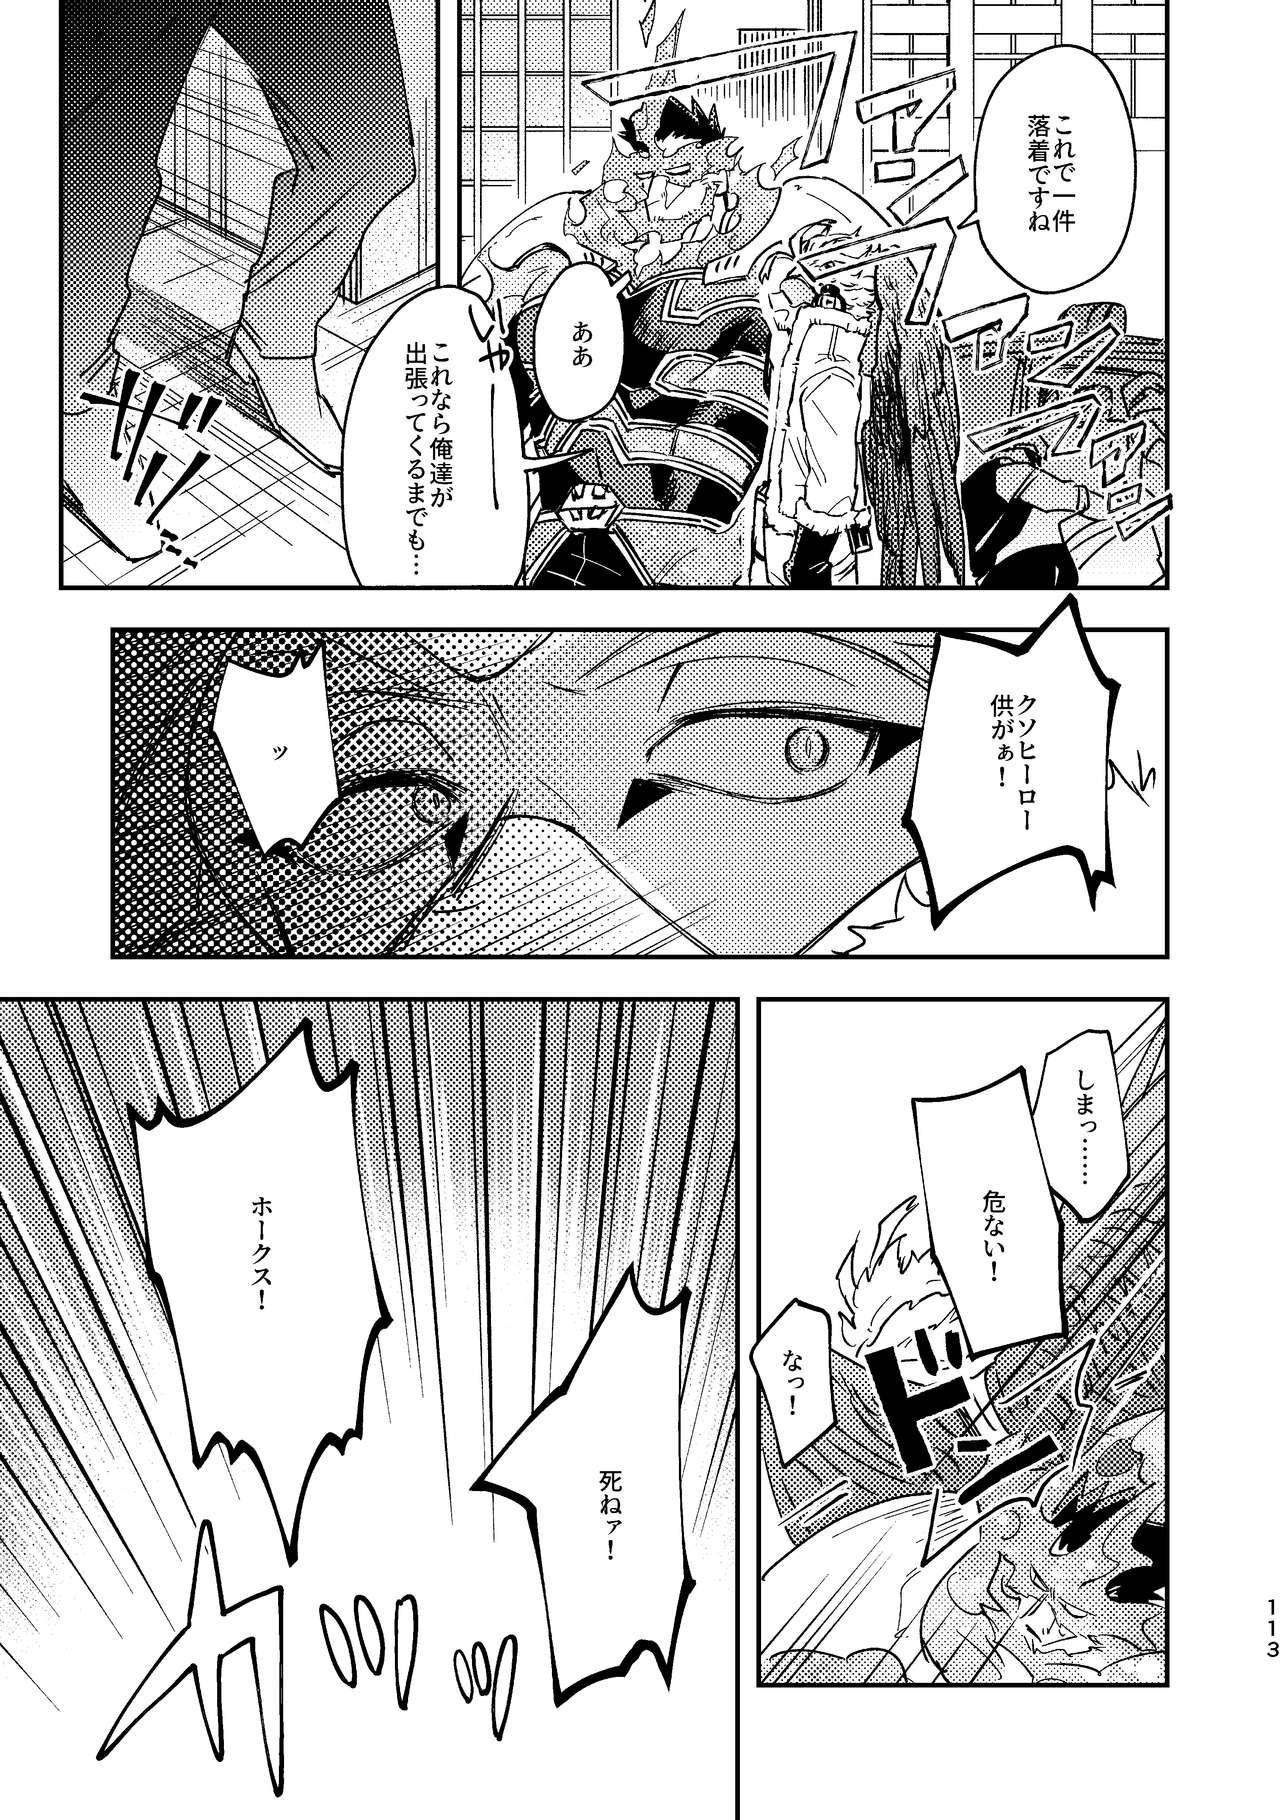 WEB Sairoku Zumi HawEn Manga ga Kami demo Yomeru Hon. 112